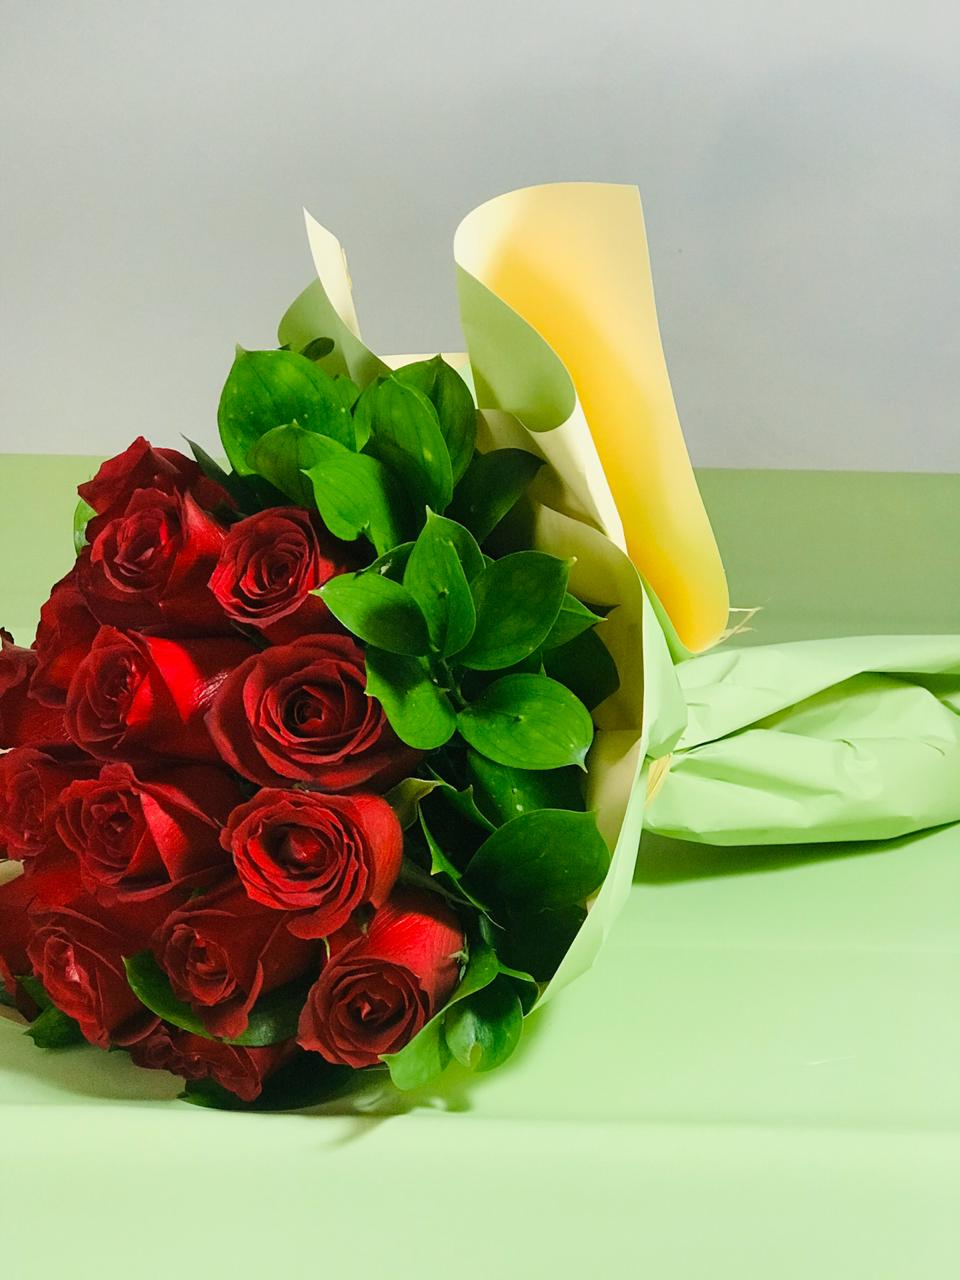 Bouquet com 20 rosas vermelhas nacionais.